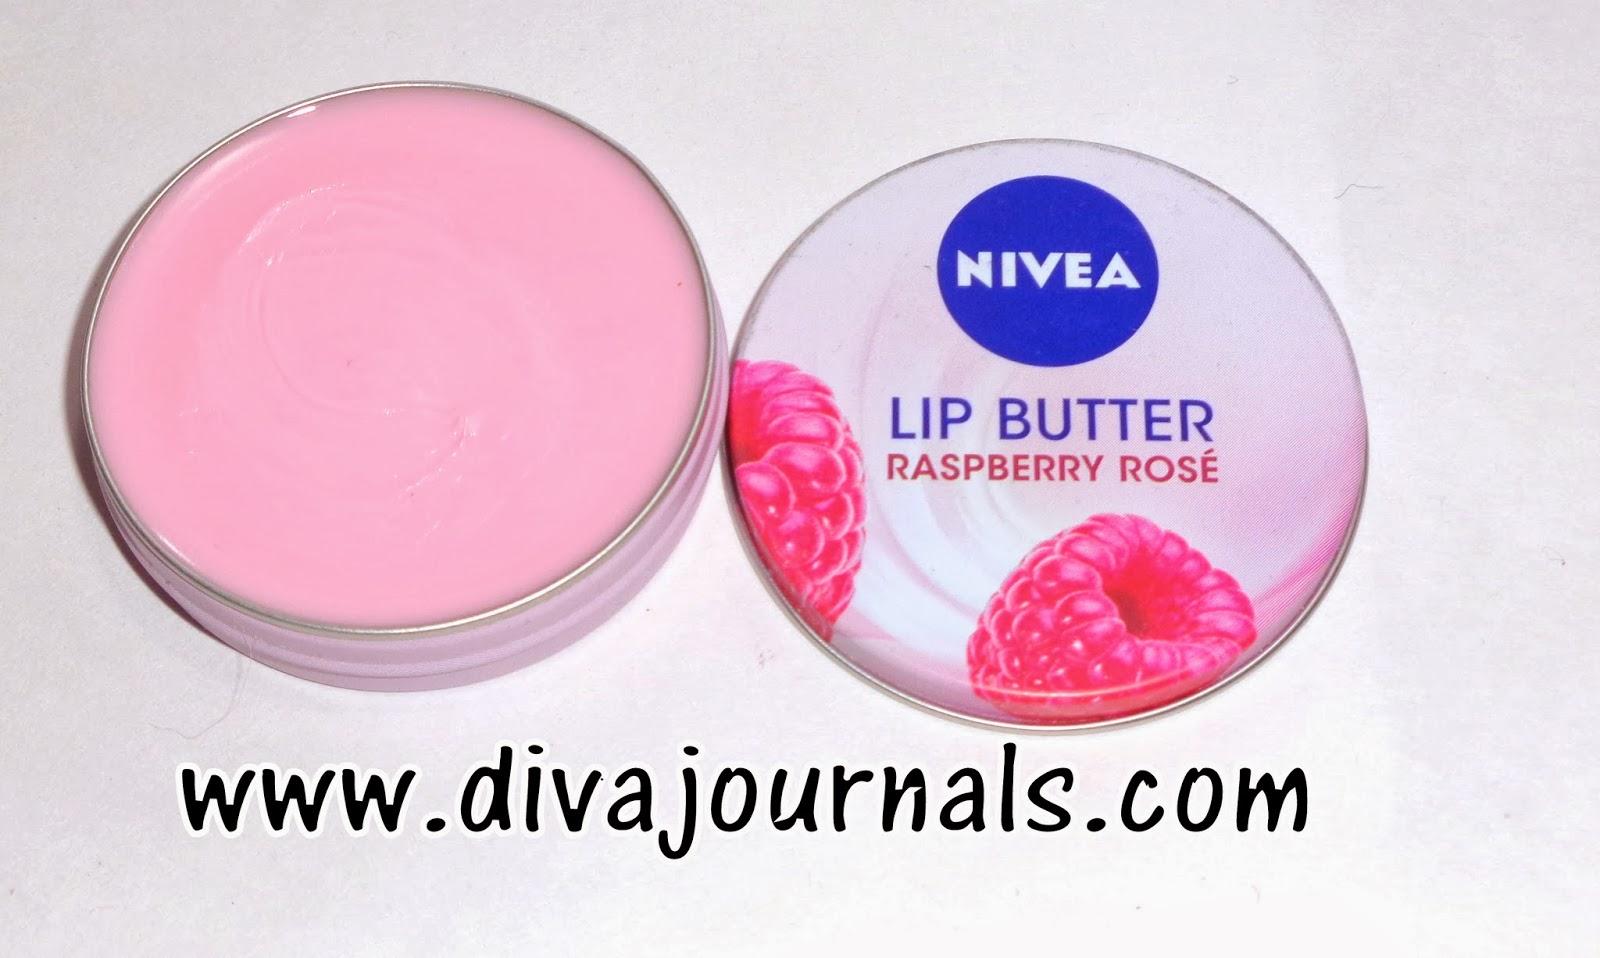 Nivea Lip Butter Raspberry Rose Caramel Cream Review Diva Journals